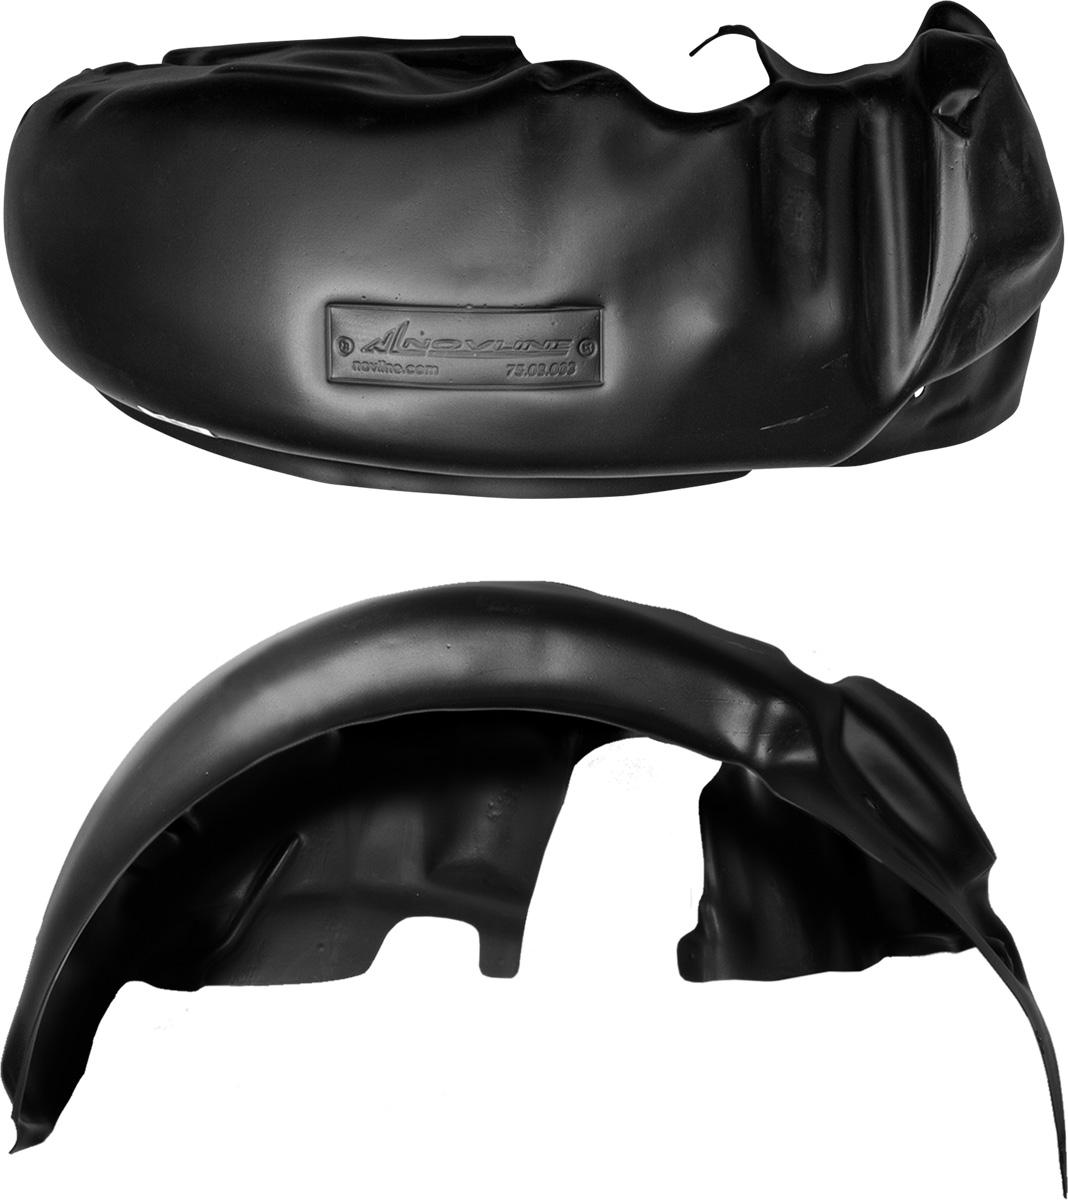 Подкрылок Novline-Autofamily, для Mitsubishi ASX, 2010-2013, 2013->, передний левый1004900000360Колесные ниши - одни из самых уязвимых зон днища вашего автомобиля. Они постоянно подвергаются воздействию со стороны дороги. Лучшая, почти абсолютная защита для них - специально отформованные пластиковые кожухи, которые называются подкрылками. Производятся они как для отечественных моделей автомобилей, так и для иномарок. Подкрылки Novline-Autofamily выполнены из высококачественного, экологически чистого пластика. Обеспечивают надежную защиту кузова автомобиля от пескоструйного эффекта и негативного влияния, агрессивных антигололедных реагентов. Пластик обладает более низкой теплопроводностью, чем металл, поэтому в зимний период эксплуатации использование пластиковых подкрылков позволяет лучше защитить колесные ниши от налипания снега и образования наледи. Оригинальность конструкции подчеркивает элегантность автомобиля, бережно защищает нанесенное на днище кузова антикоррозийное покрытие и позволяет осуществить крепление подкрылков внутри колесной арки практически без дополнительного крепежа и сверления, не нарушая при этом лакокрасочного покрытия, что предотвращает возникновение новых очагов коррозии. Подкрылки долговечны, обладают высокой прочностью и сохраняют заданную форму, а также все свои физико-механические характеристики в самых тяжелых климатических условиях (от -50°С до +50°С).Уважаемые клиенты!Обращаем ваше внимание, на тот факт, что подкрылок имеет форму, соответствующую модели данного автомобиля. Фото служит для визуального восприятия товара.